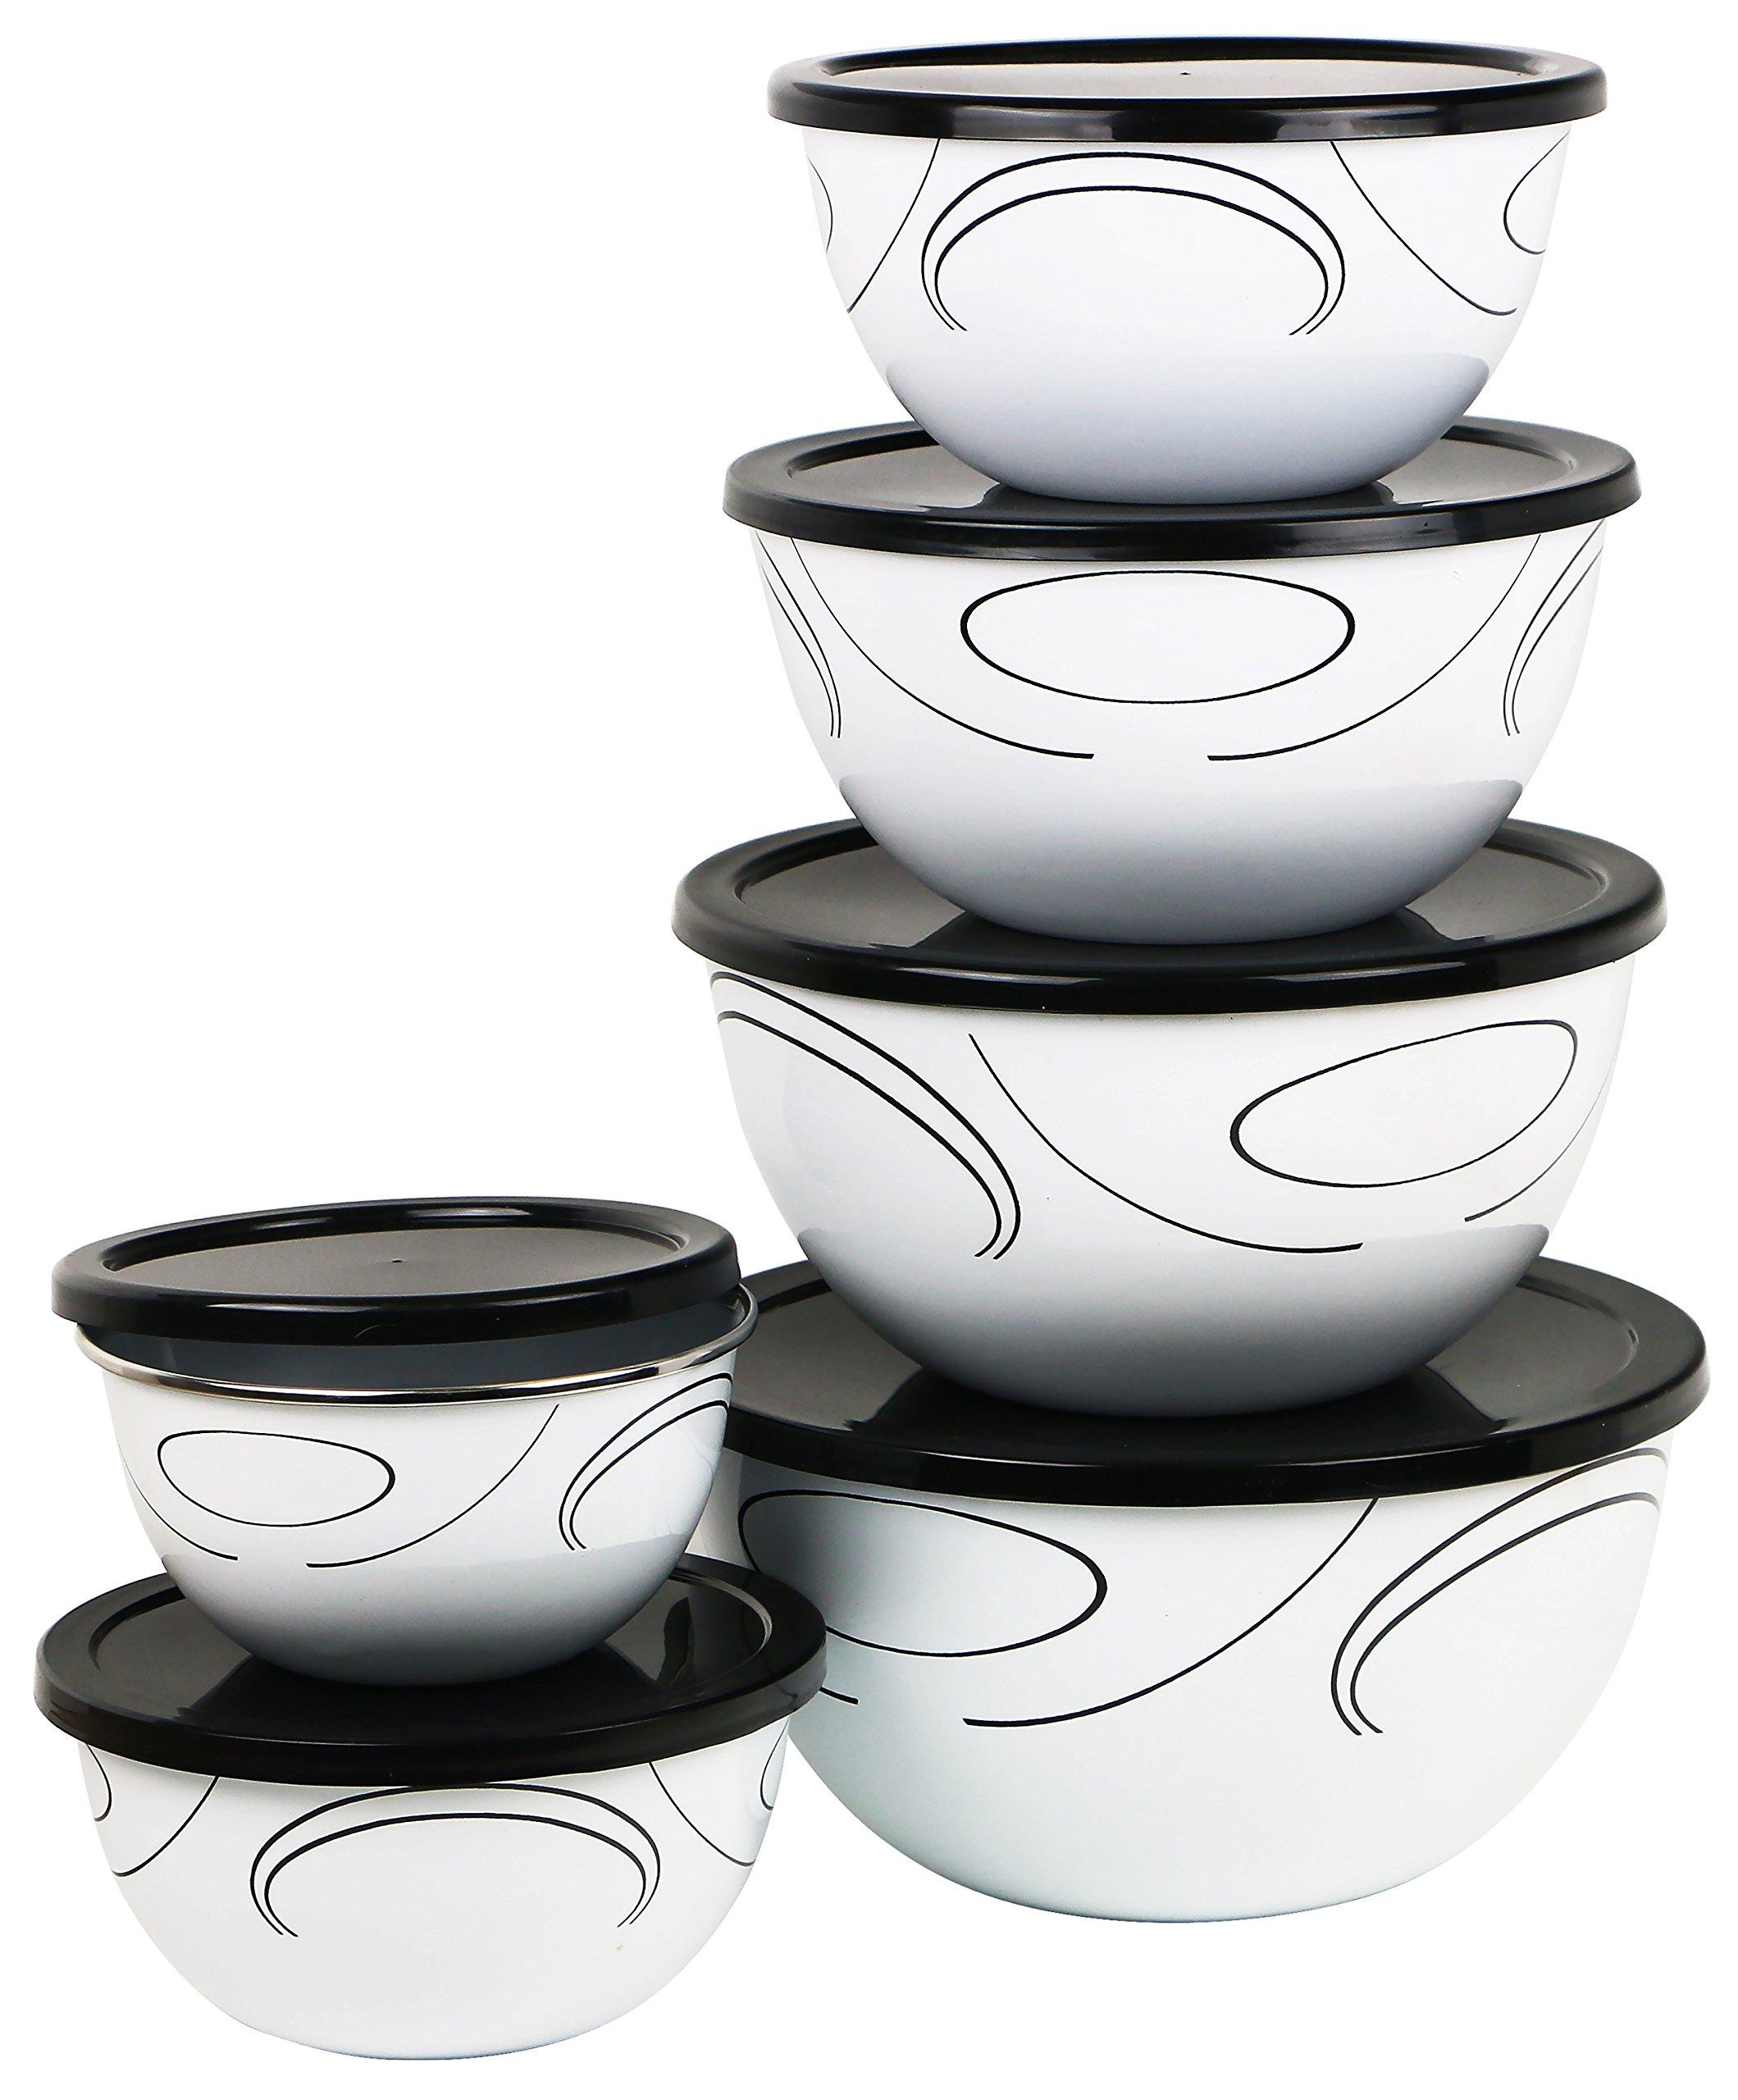 Corelle Coordinates 12-Piece Large Bowl Set, Simple Lines by Reston Lloyd